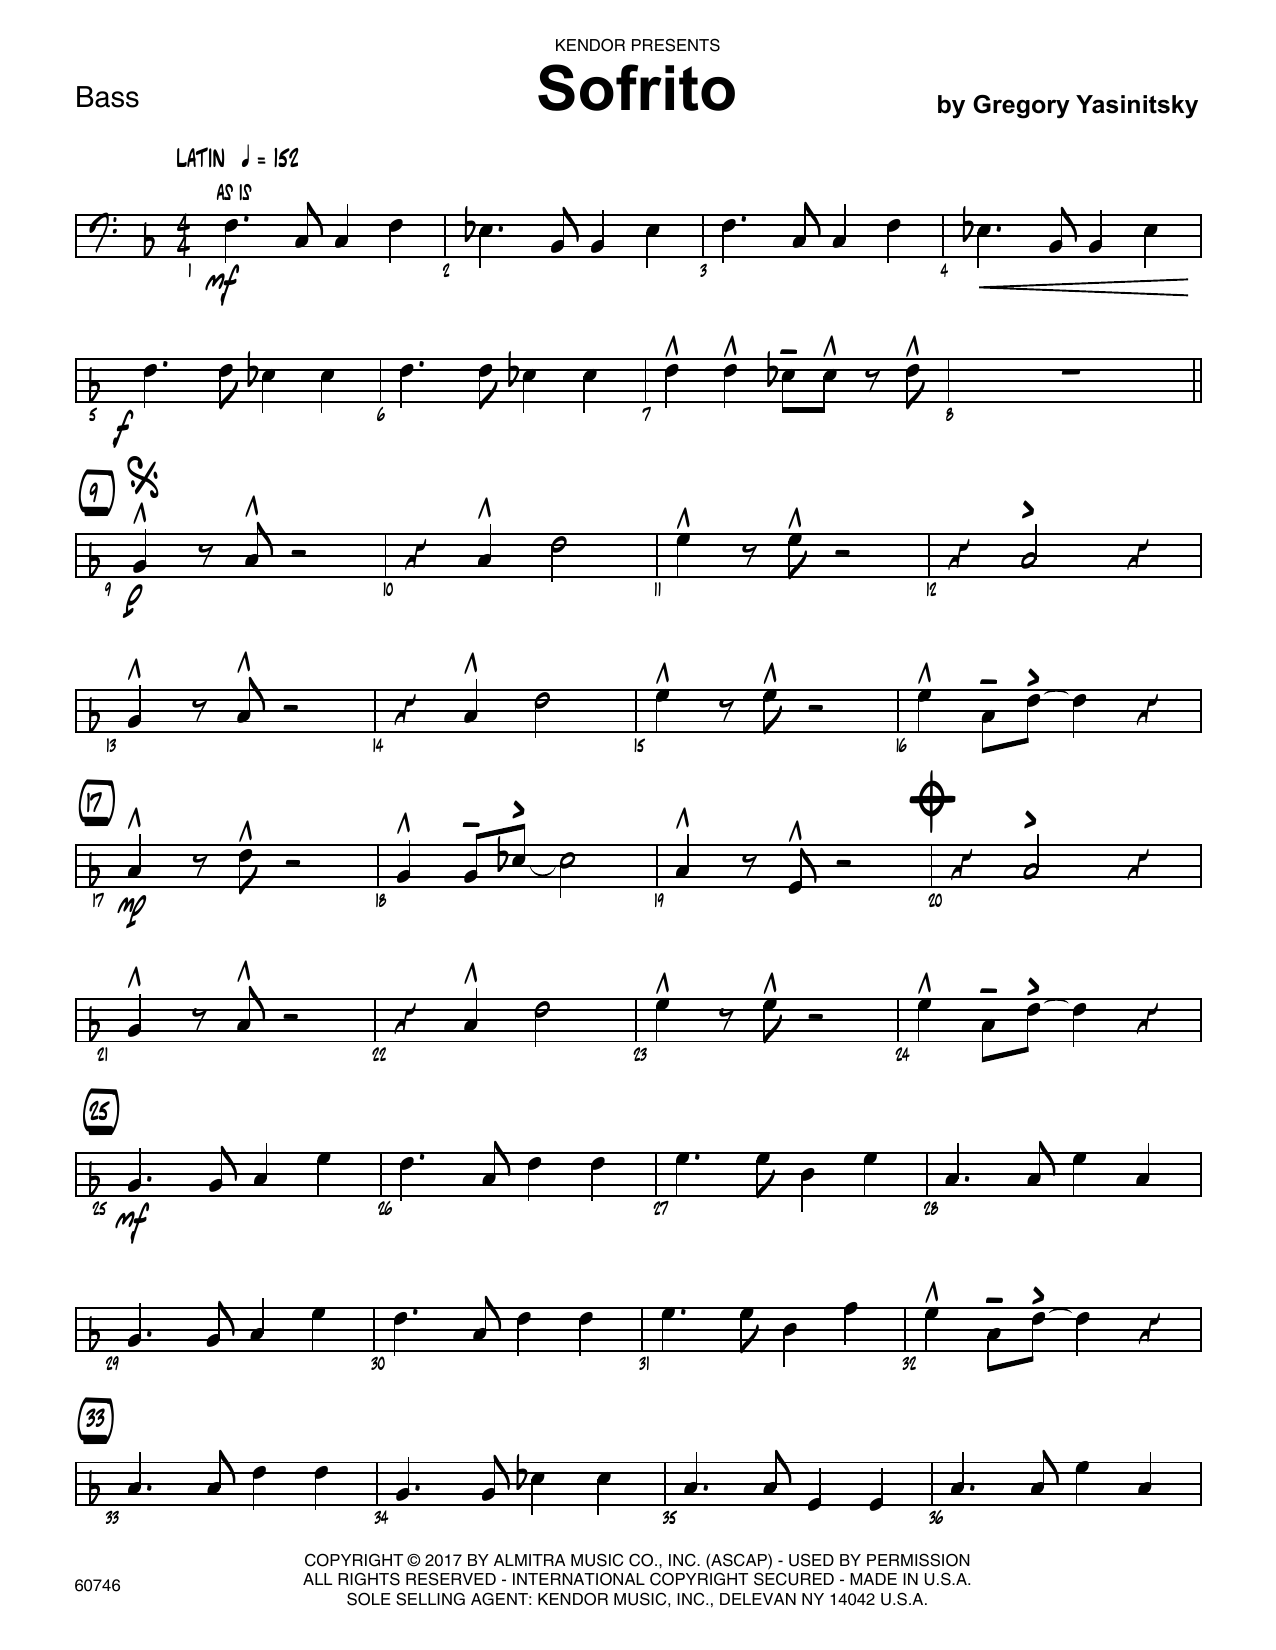 Sofrito - Bass Sheet Music